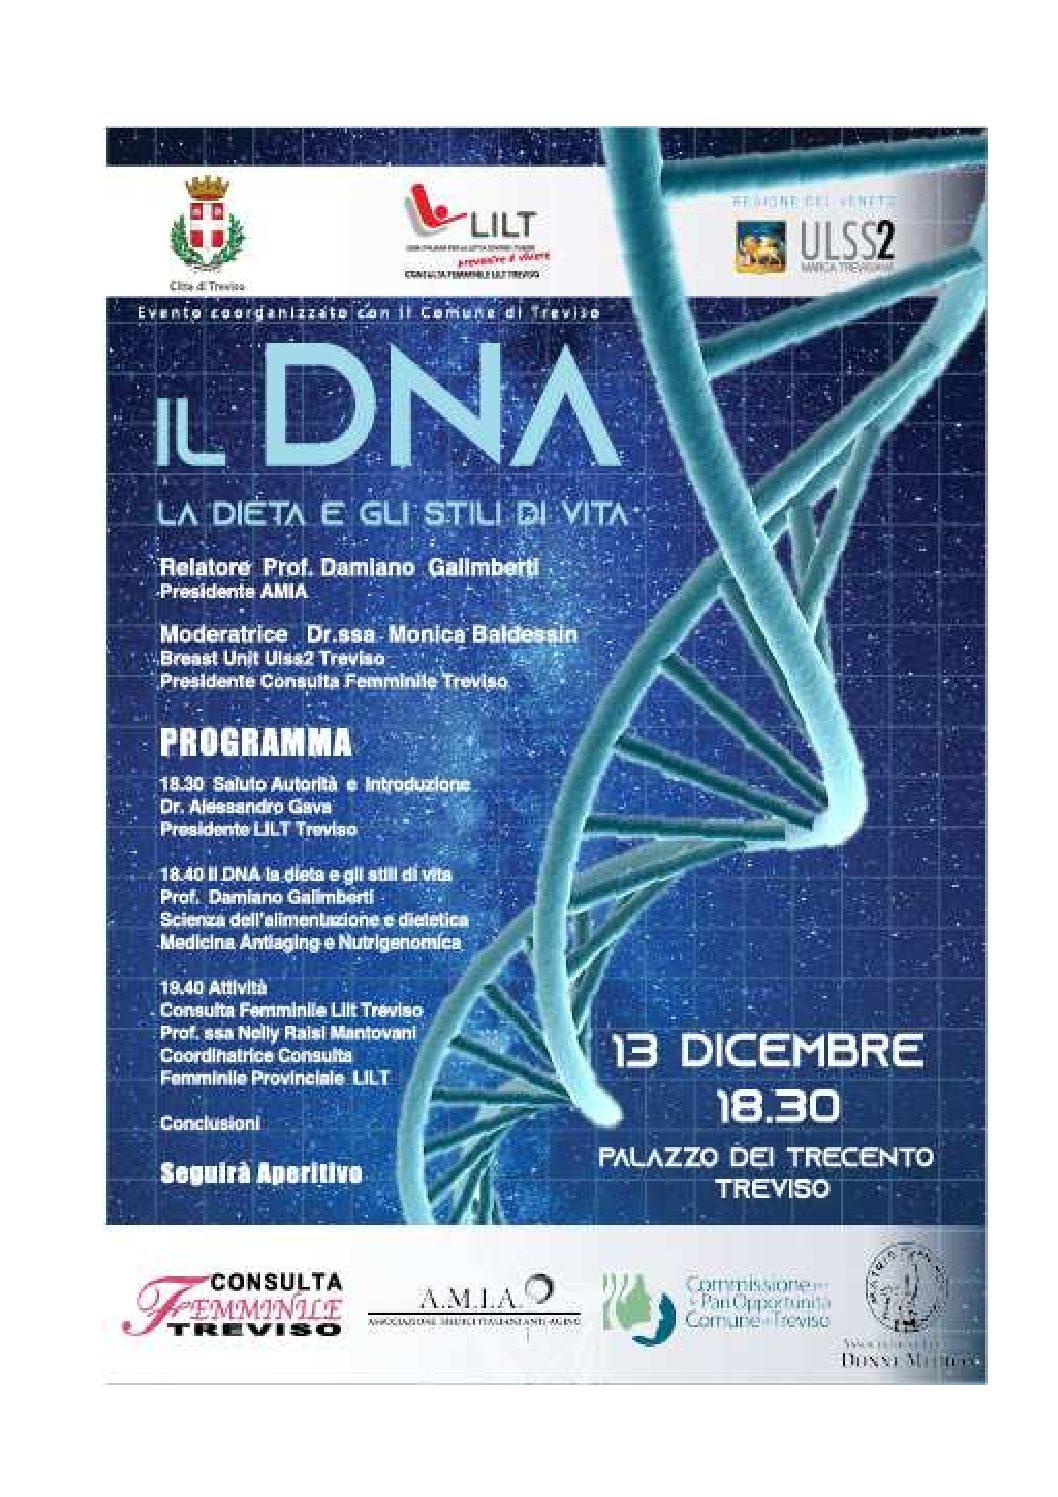 Treviso, 13.12.19 Il Dna, la dieta e gli stili di vita